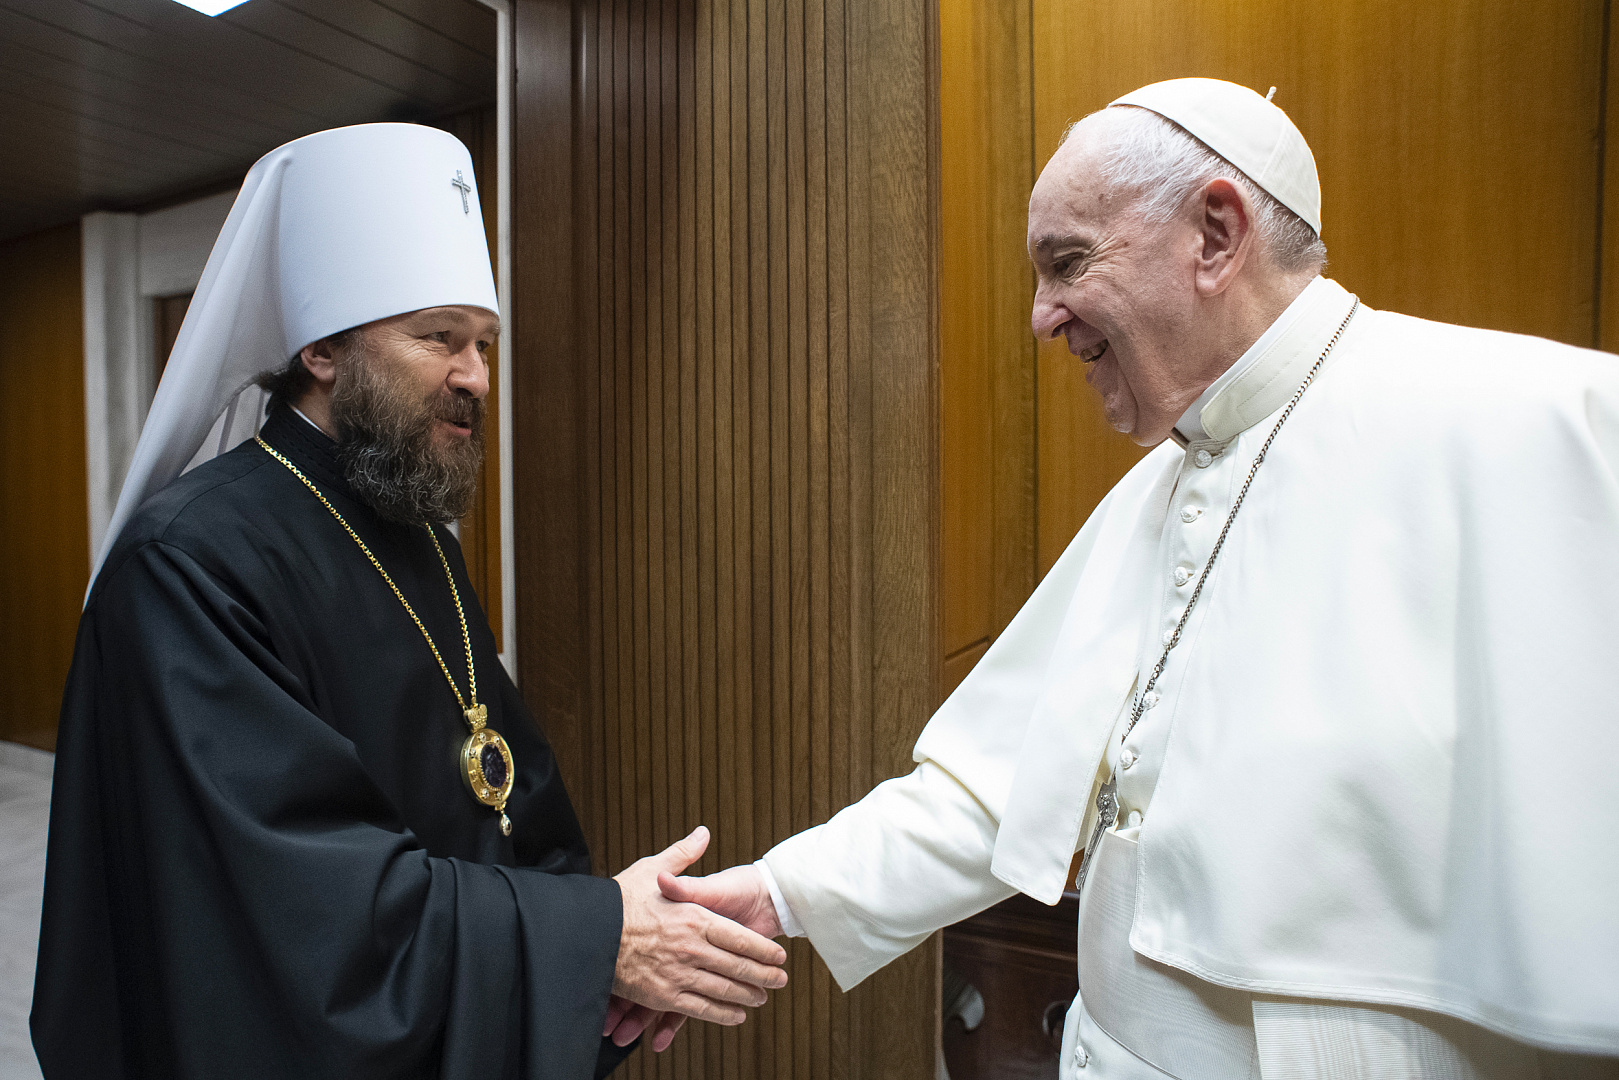 Митрополит Иларион: христиане должны продвигать дух братства